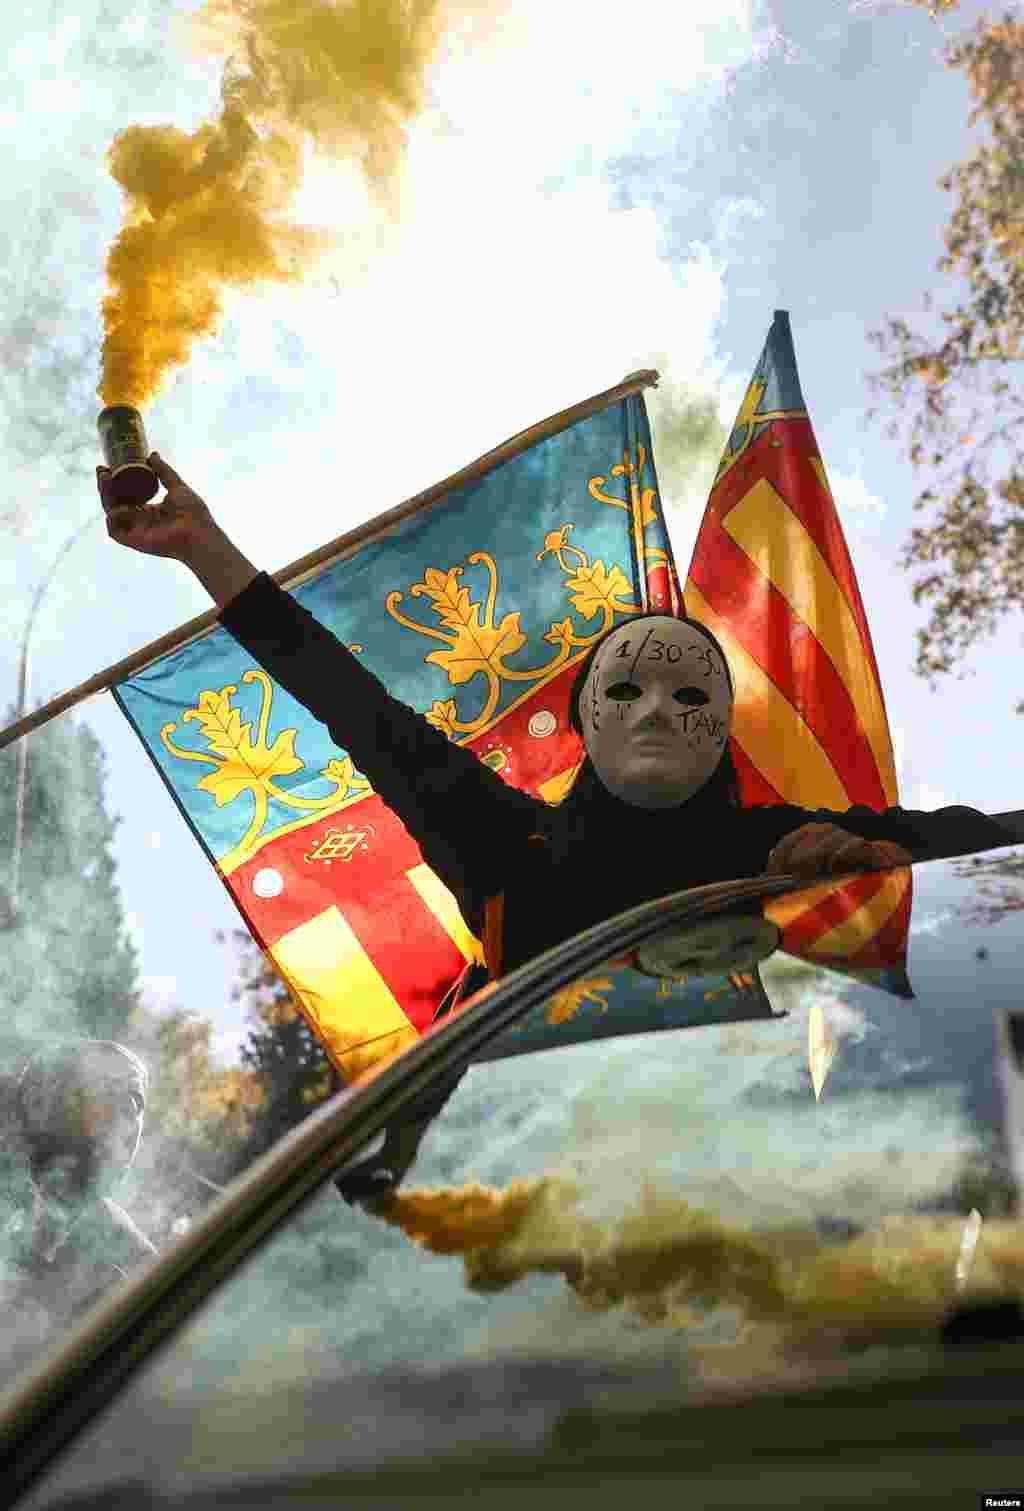 شرکت یک معترض ماسک پوش با نارنجک دودزا در دستش در تظاهرات مادرید اسپانیا بر علیه شرکت های خصوصی مسافربری از جمله اوبر